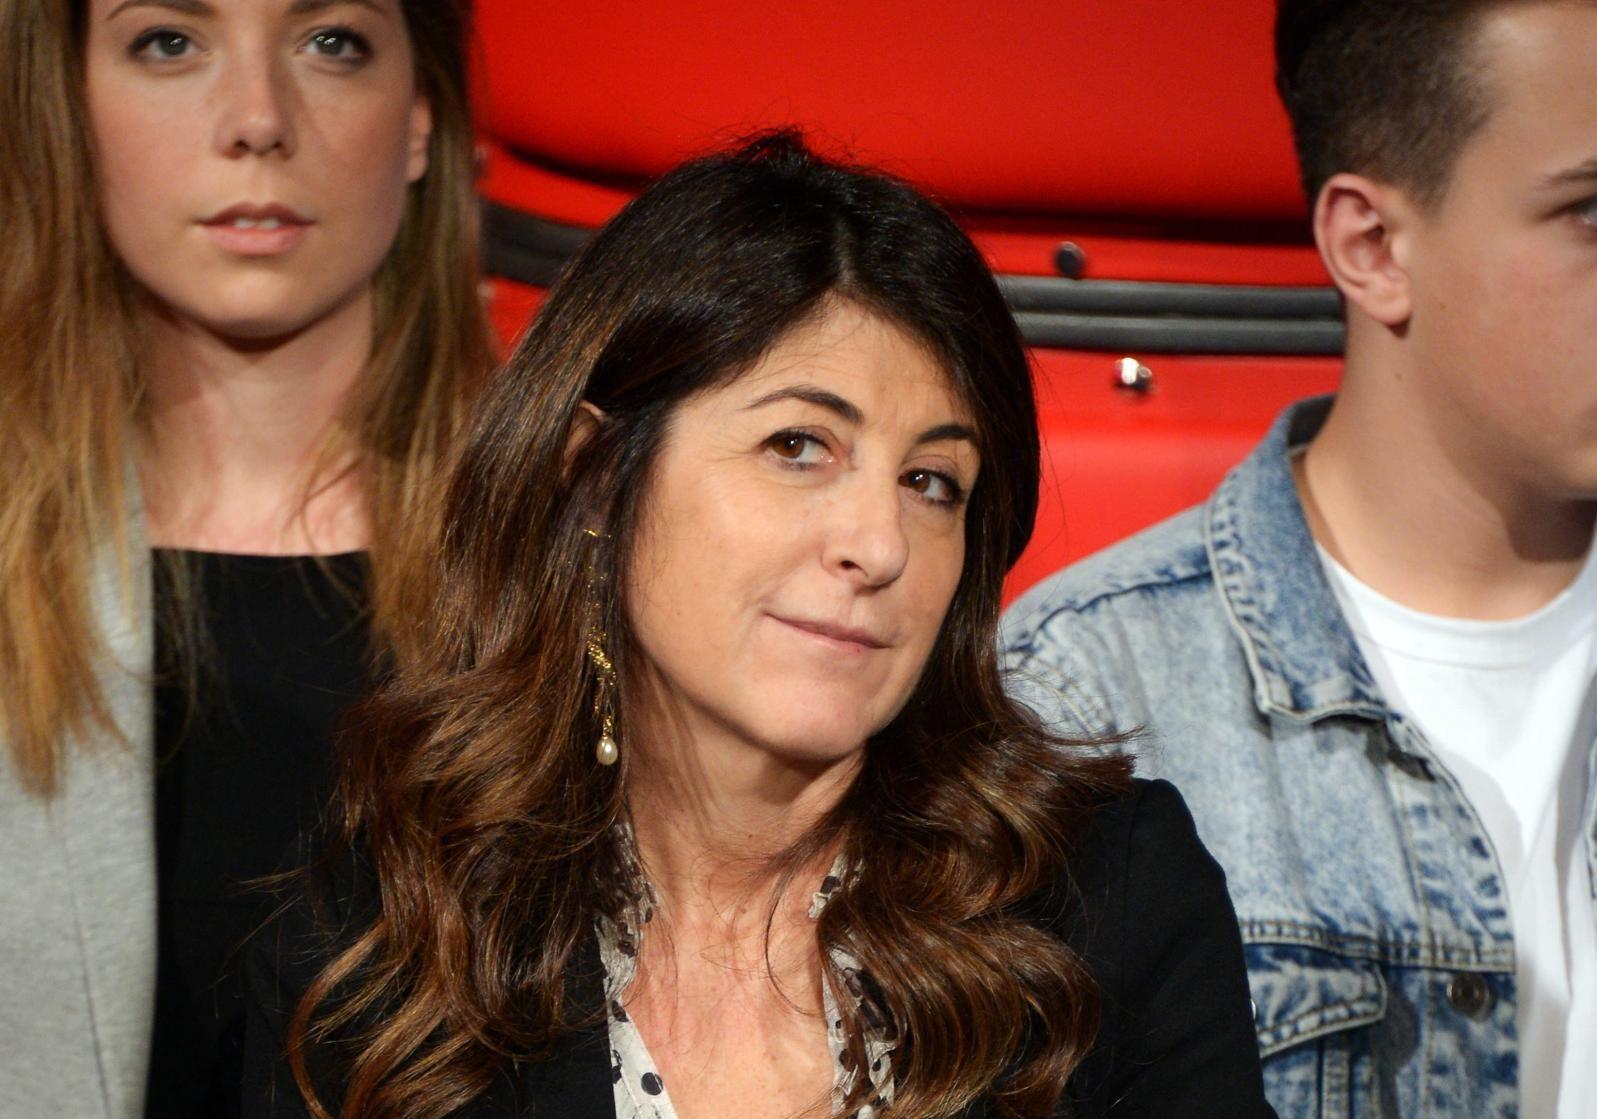 The Voice Of Italy chiude? La risposta di Ilaria Dallatana, direttore di Rai 2